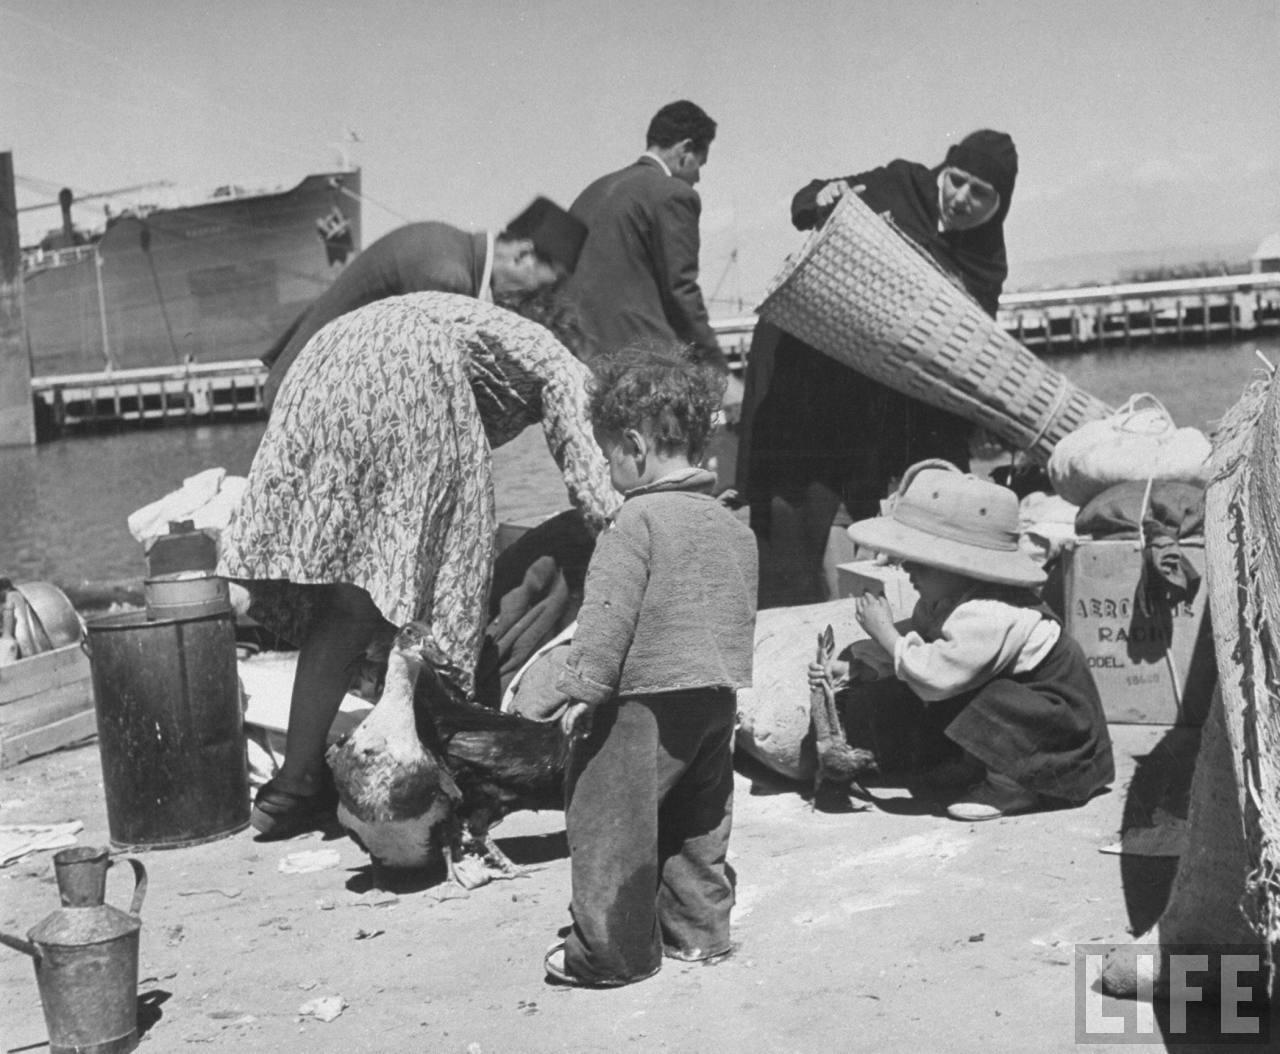 Беженцы собирают свои вещи, чтобы взойти на борт британского корабля. Хайфа. Апрель